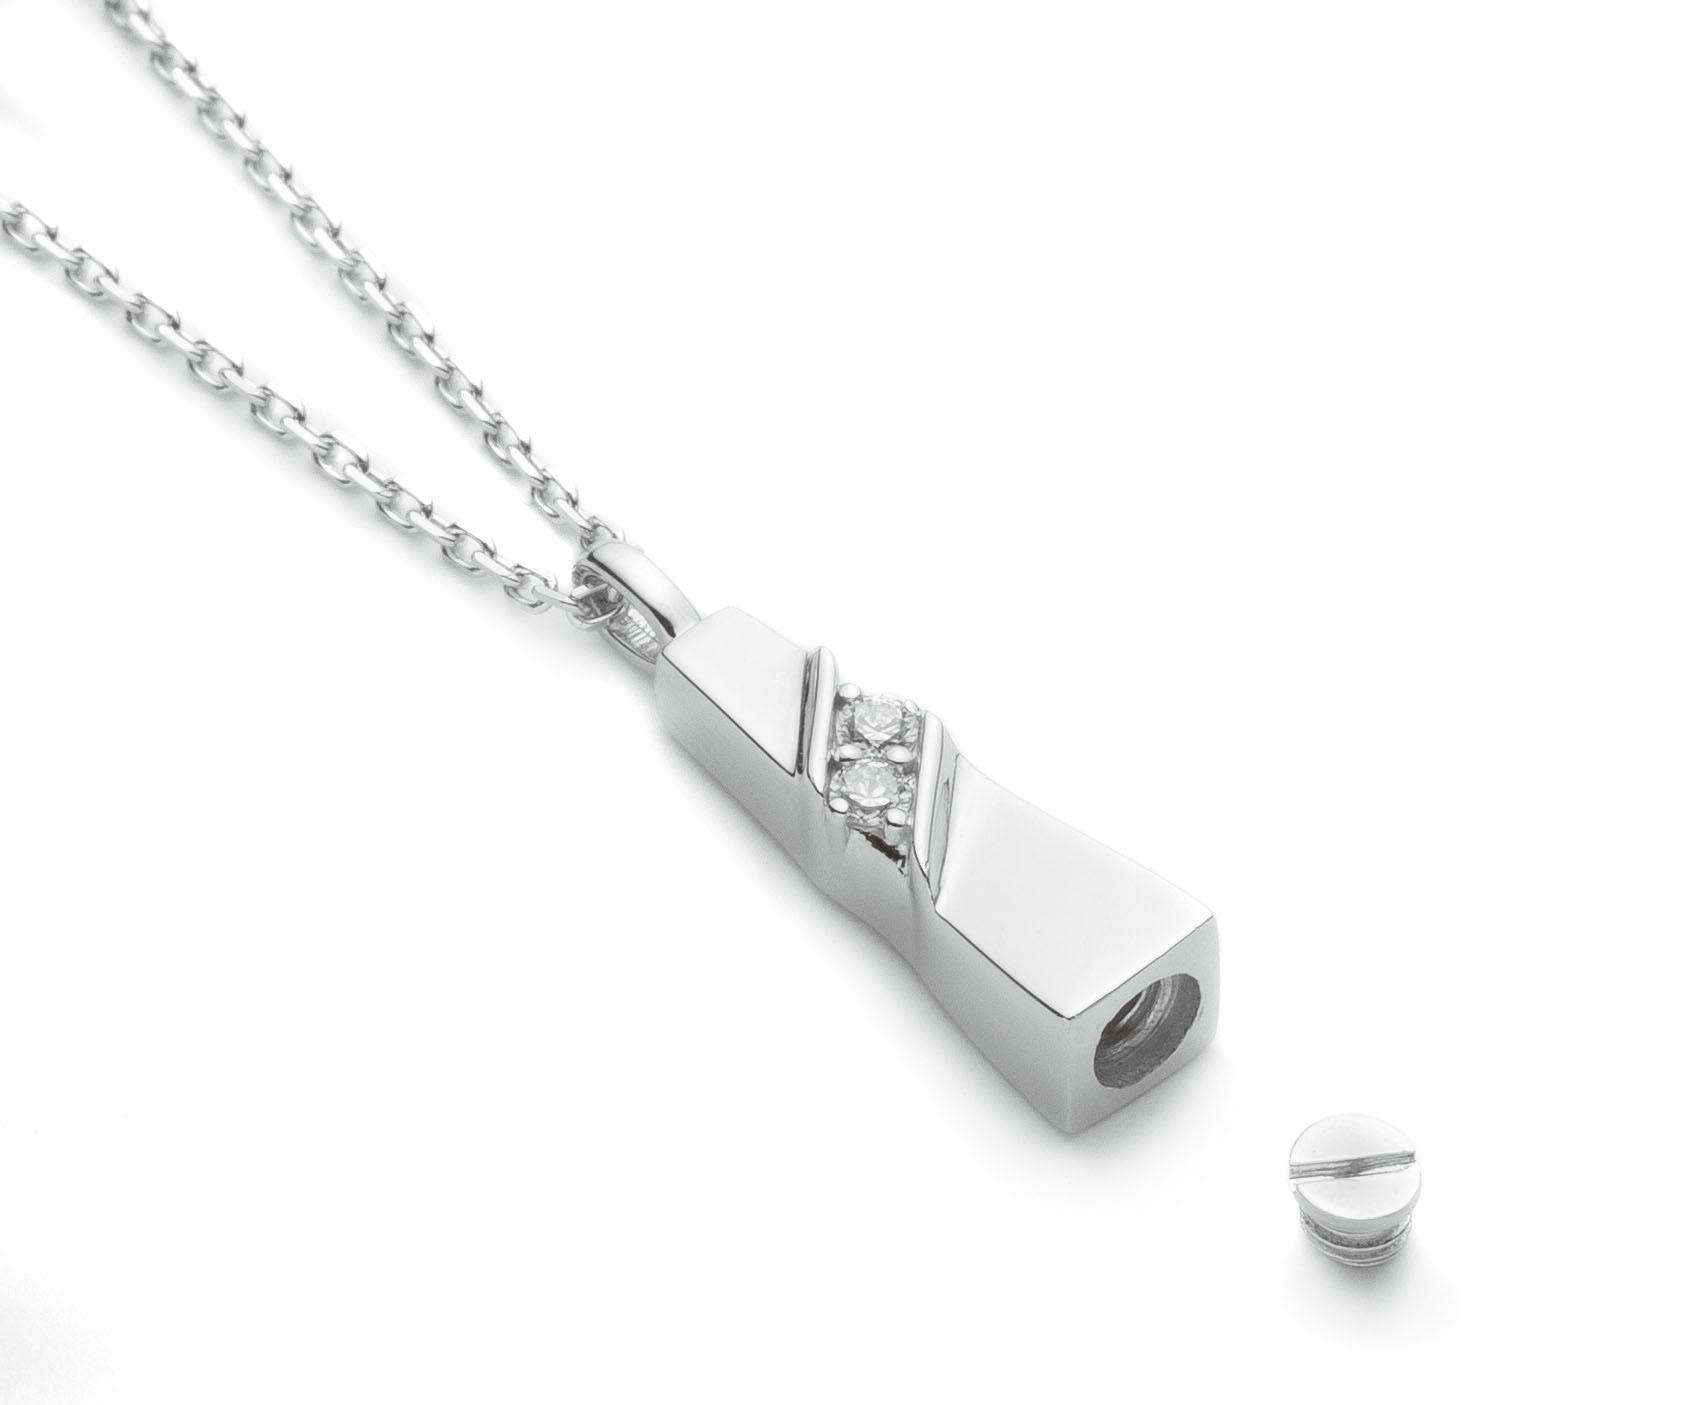 ソウルジュエリー(遺骨ペンダント)ノーブル SILVER925(シルバー製)/ジルコニア2石/40cmチェーン付属